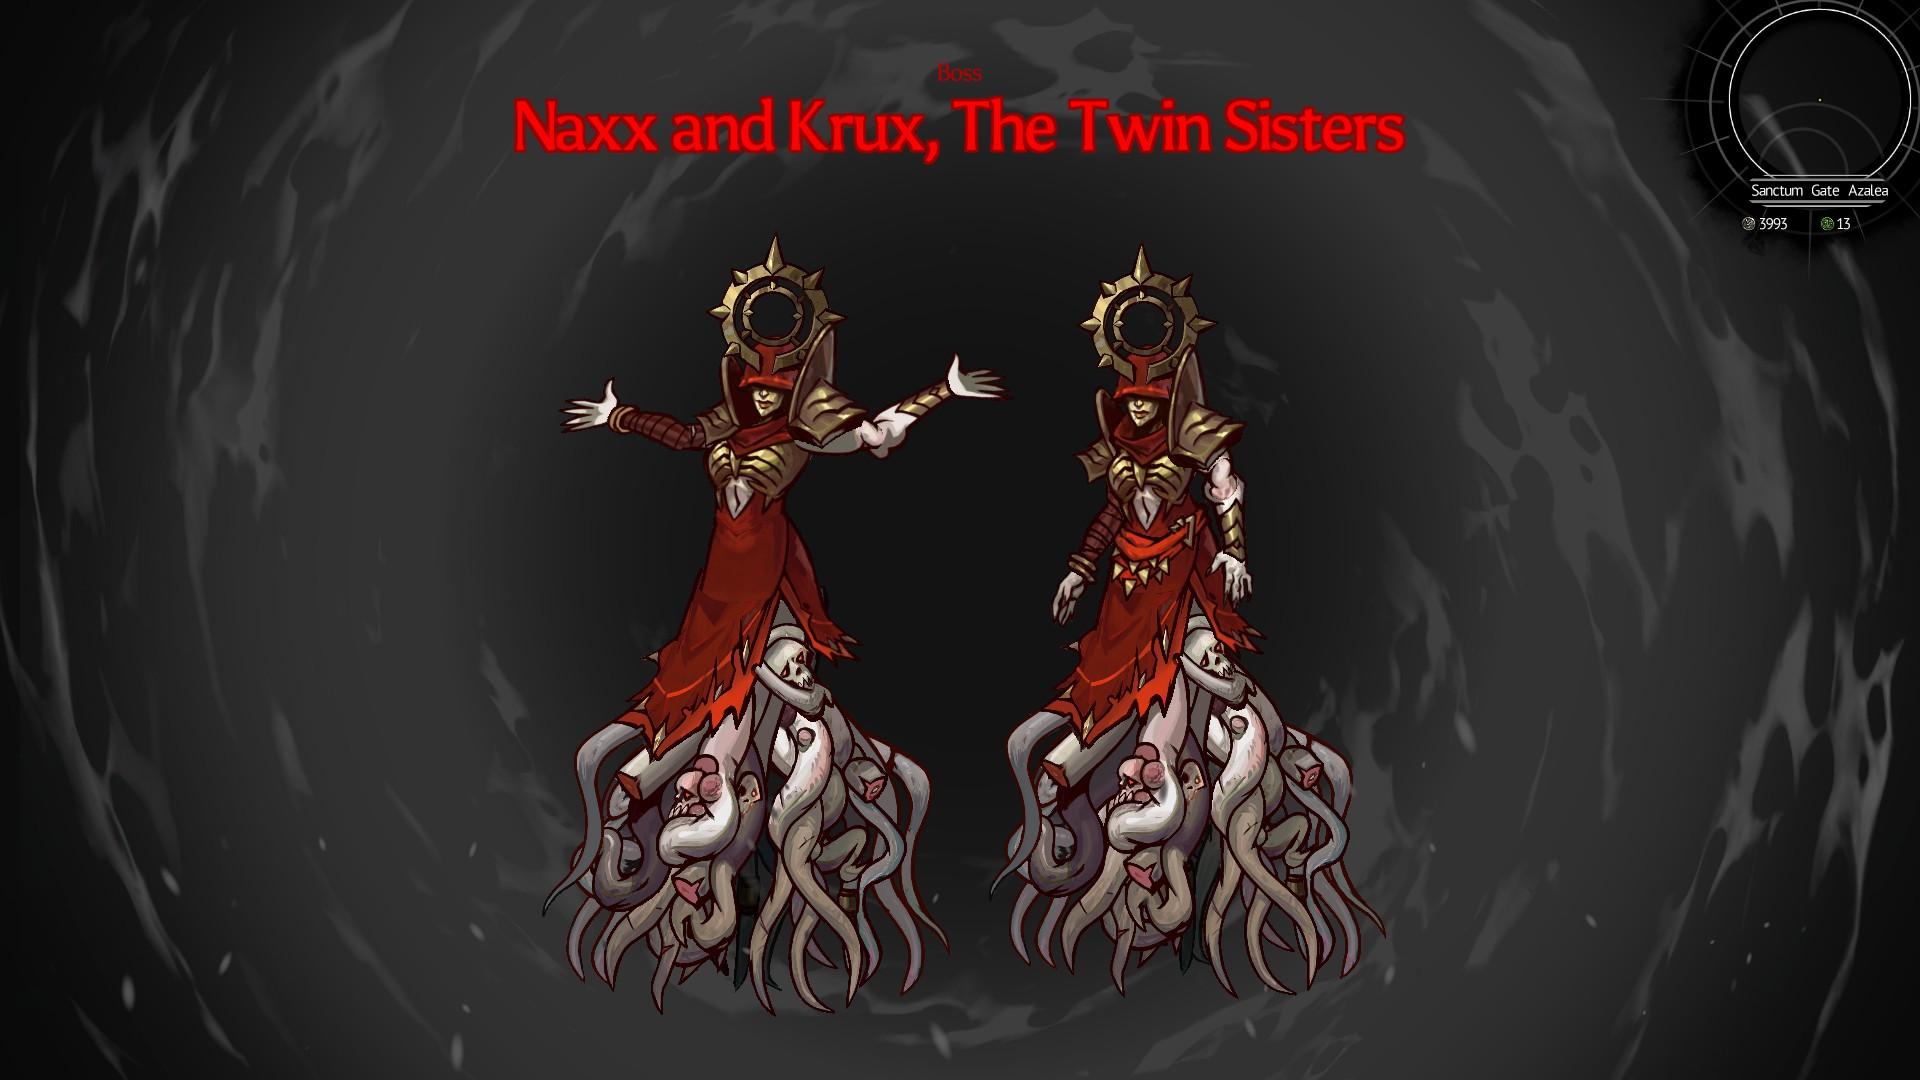 Un par de personajes corruptos tipo sacerdotisa con enormes masas de tentáculos en lugar de piernas.  Uno está levantando los brazos dramáticamente.  Lecturas de texto